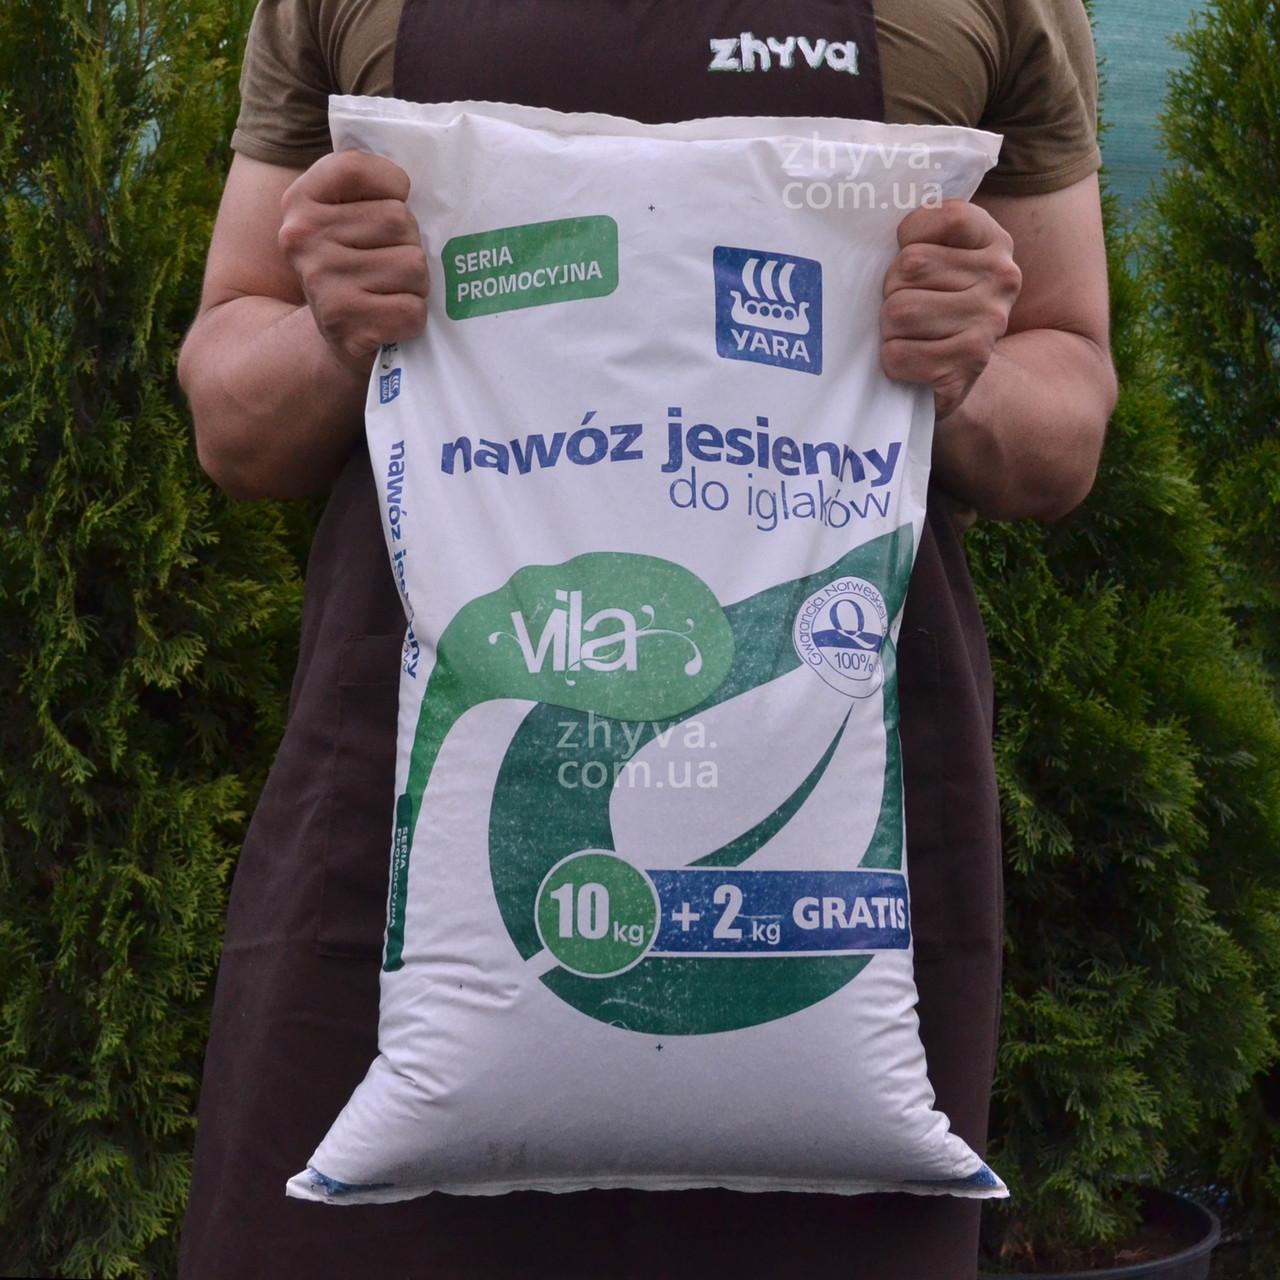 Добриво осіннє Yara Vila для хвої туй 12 кг